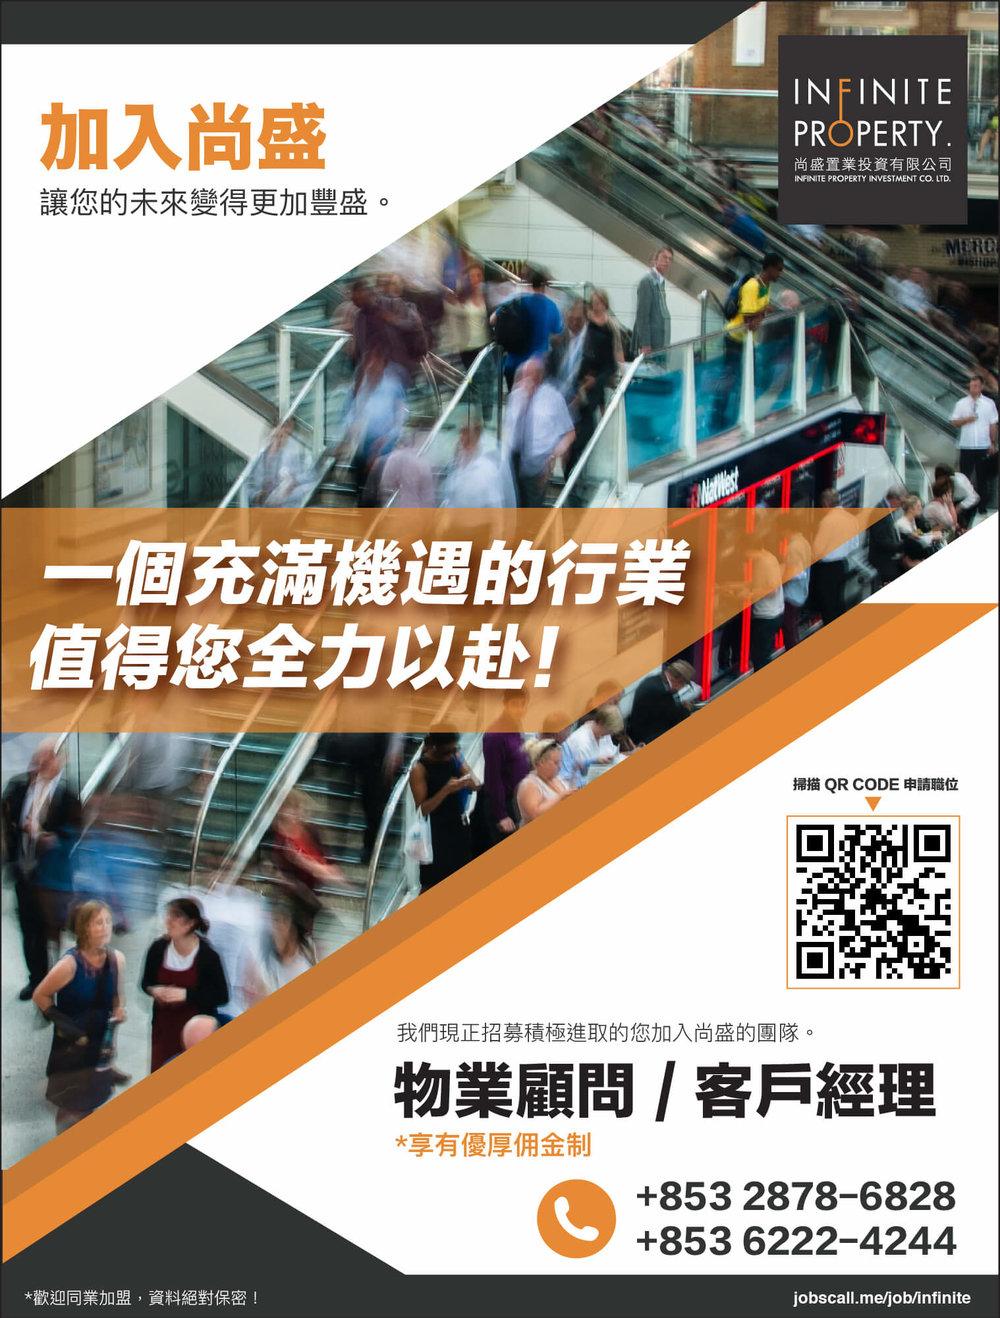 尚盛 2018 jobscall.me-01.jpg